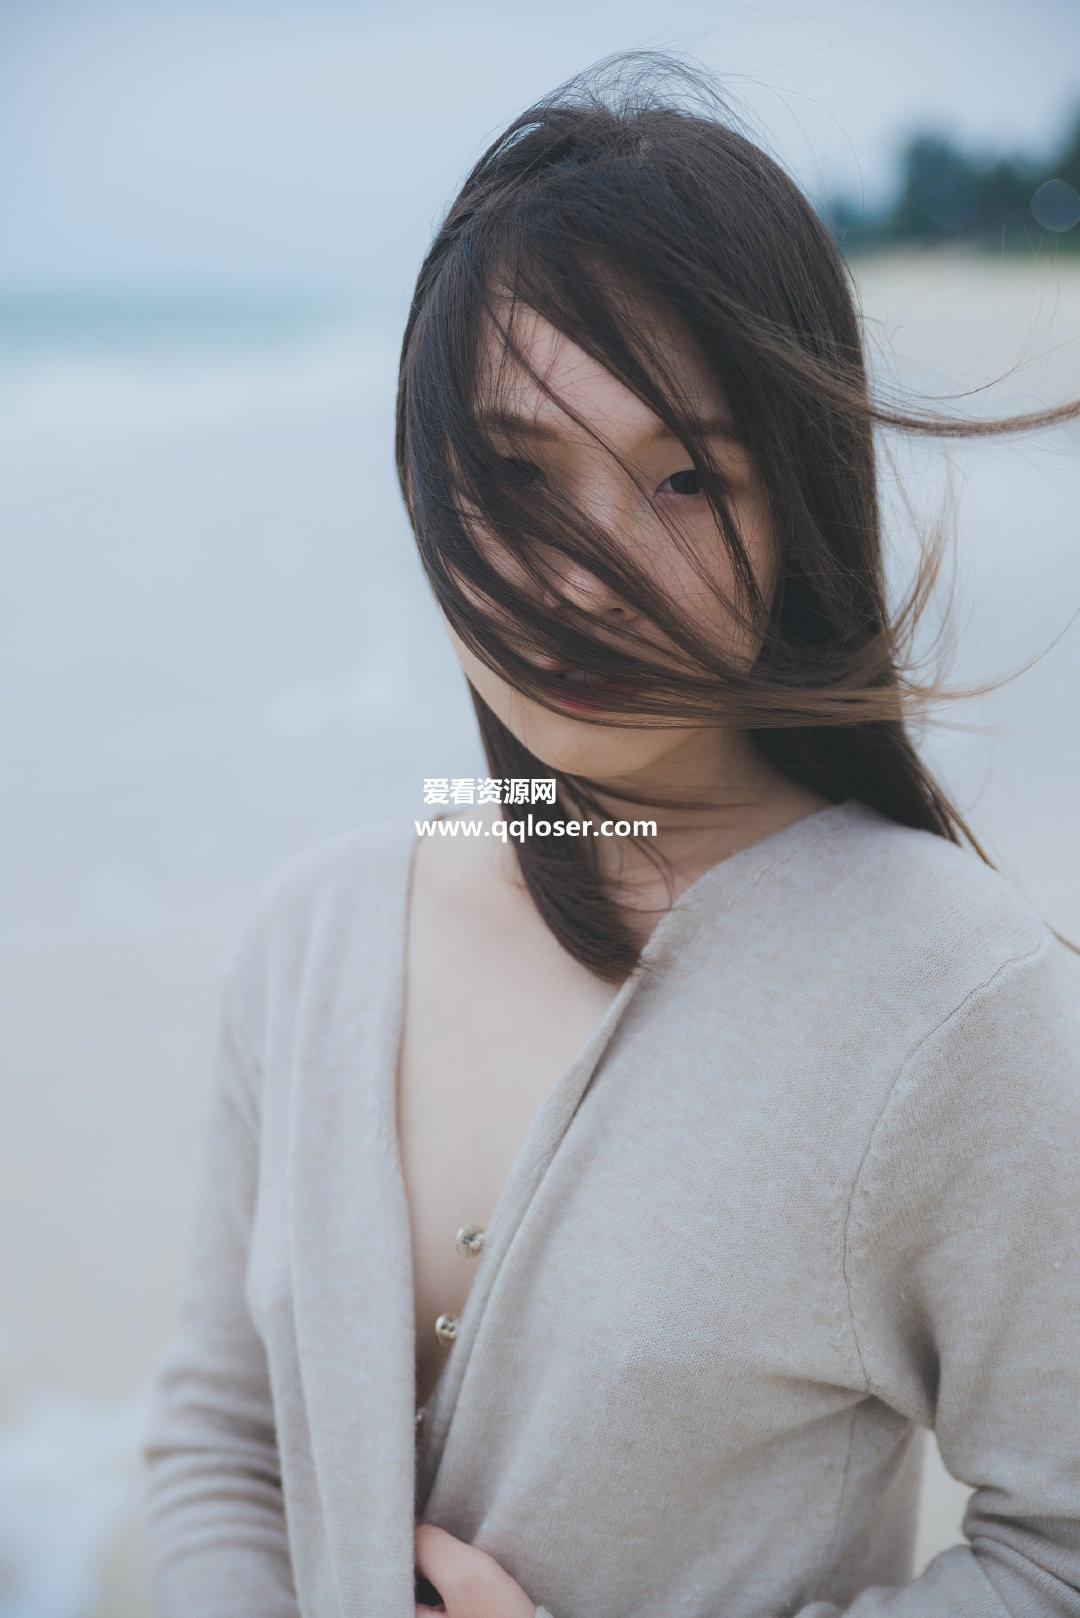 网红[柚木系列]极品柚木yuzuki写真[40套]云盘[34G]